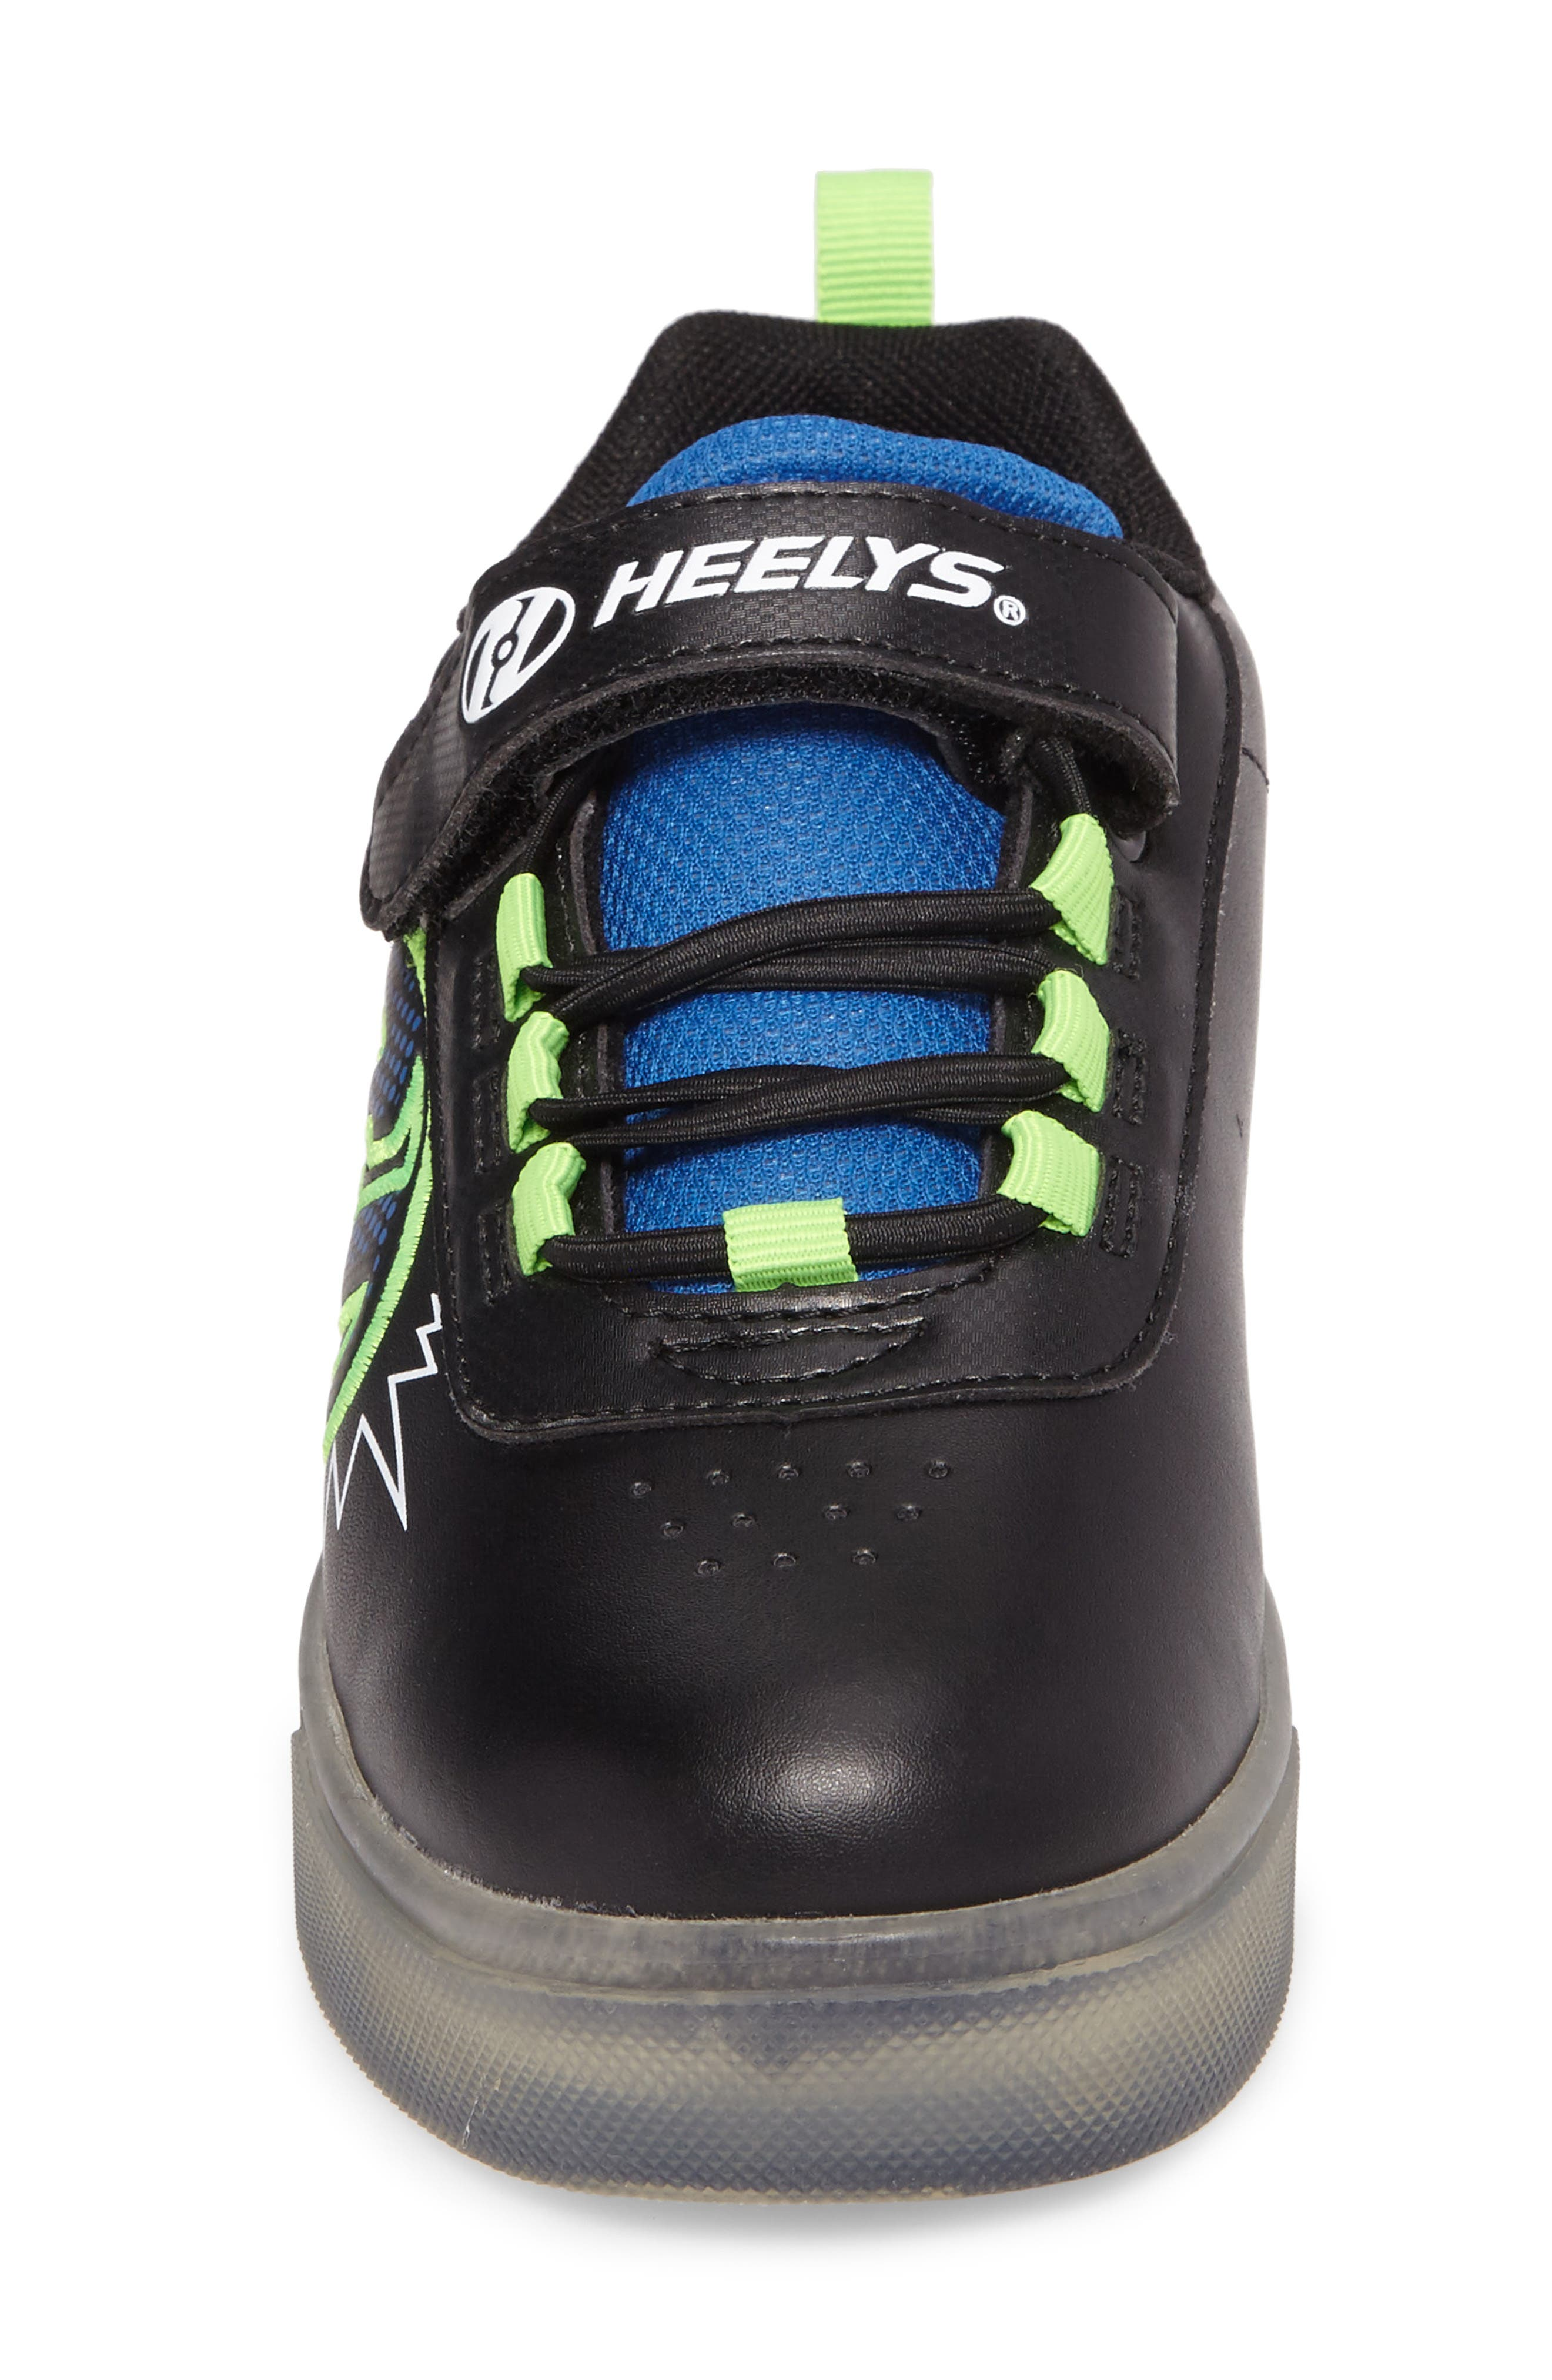 Pow X2 Light-Up Wheeled Skate Sneaker,                             Alternate thumbnail 4, color,                             Black/ Blue/ Green